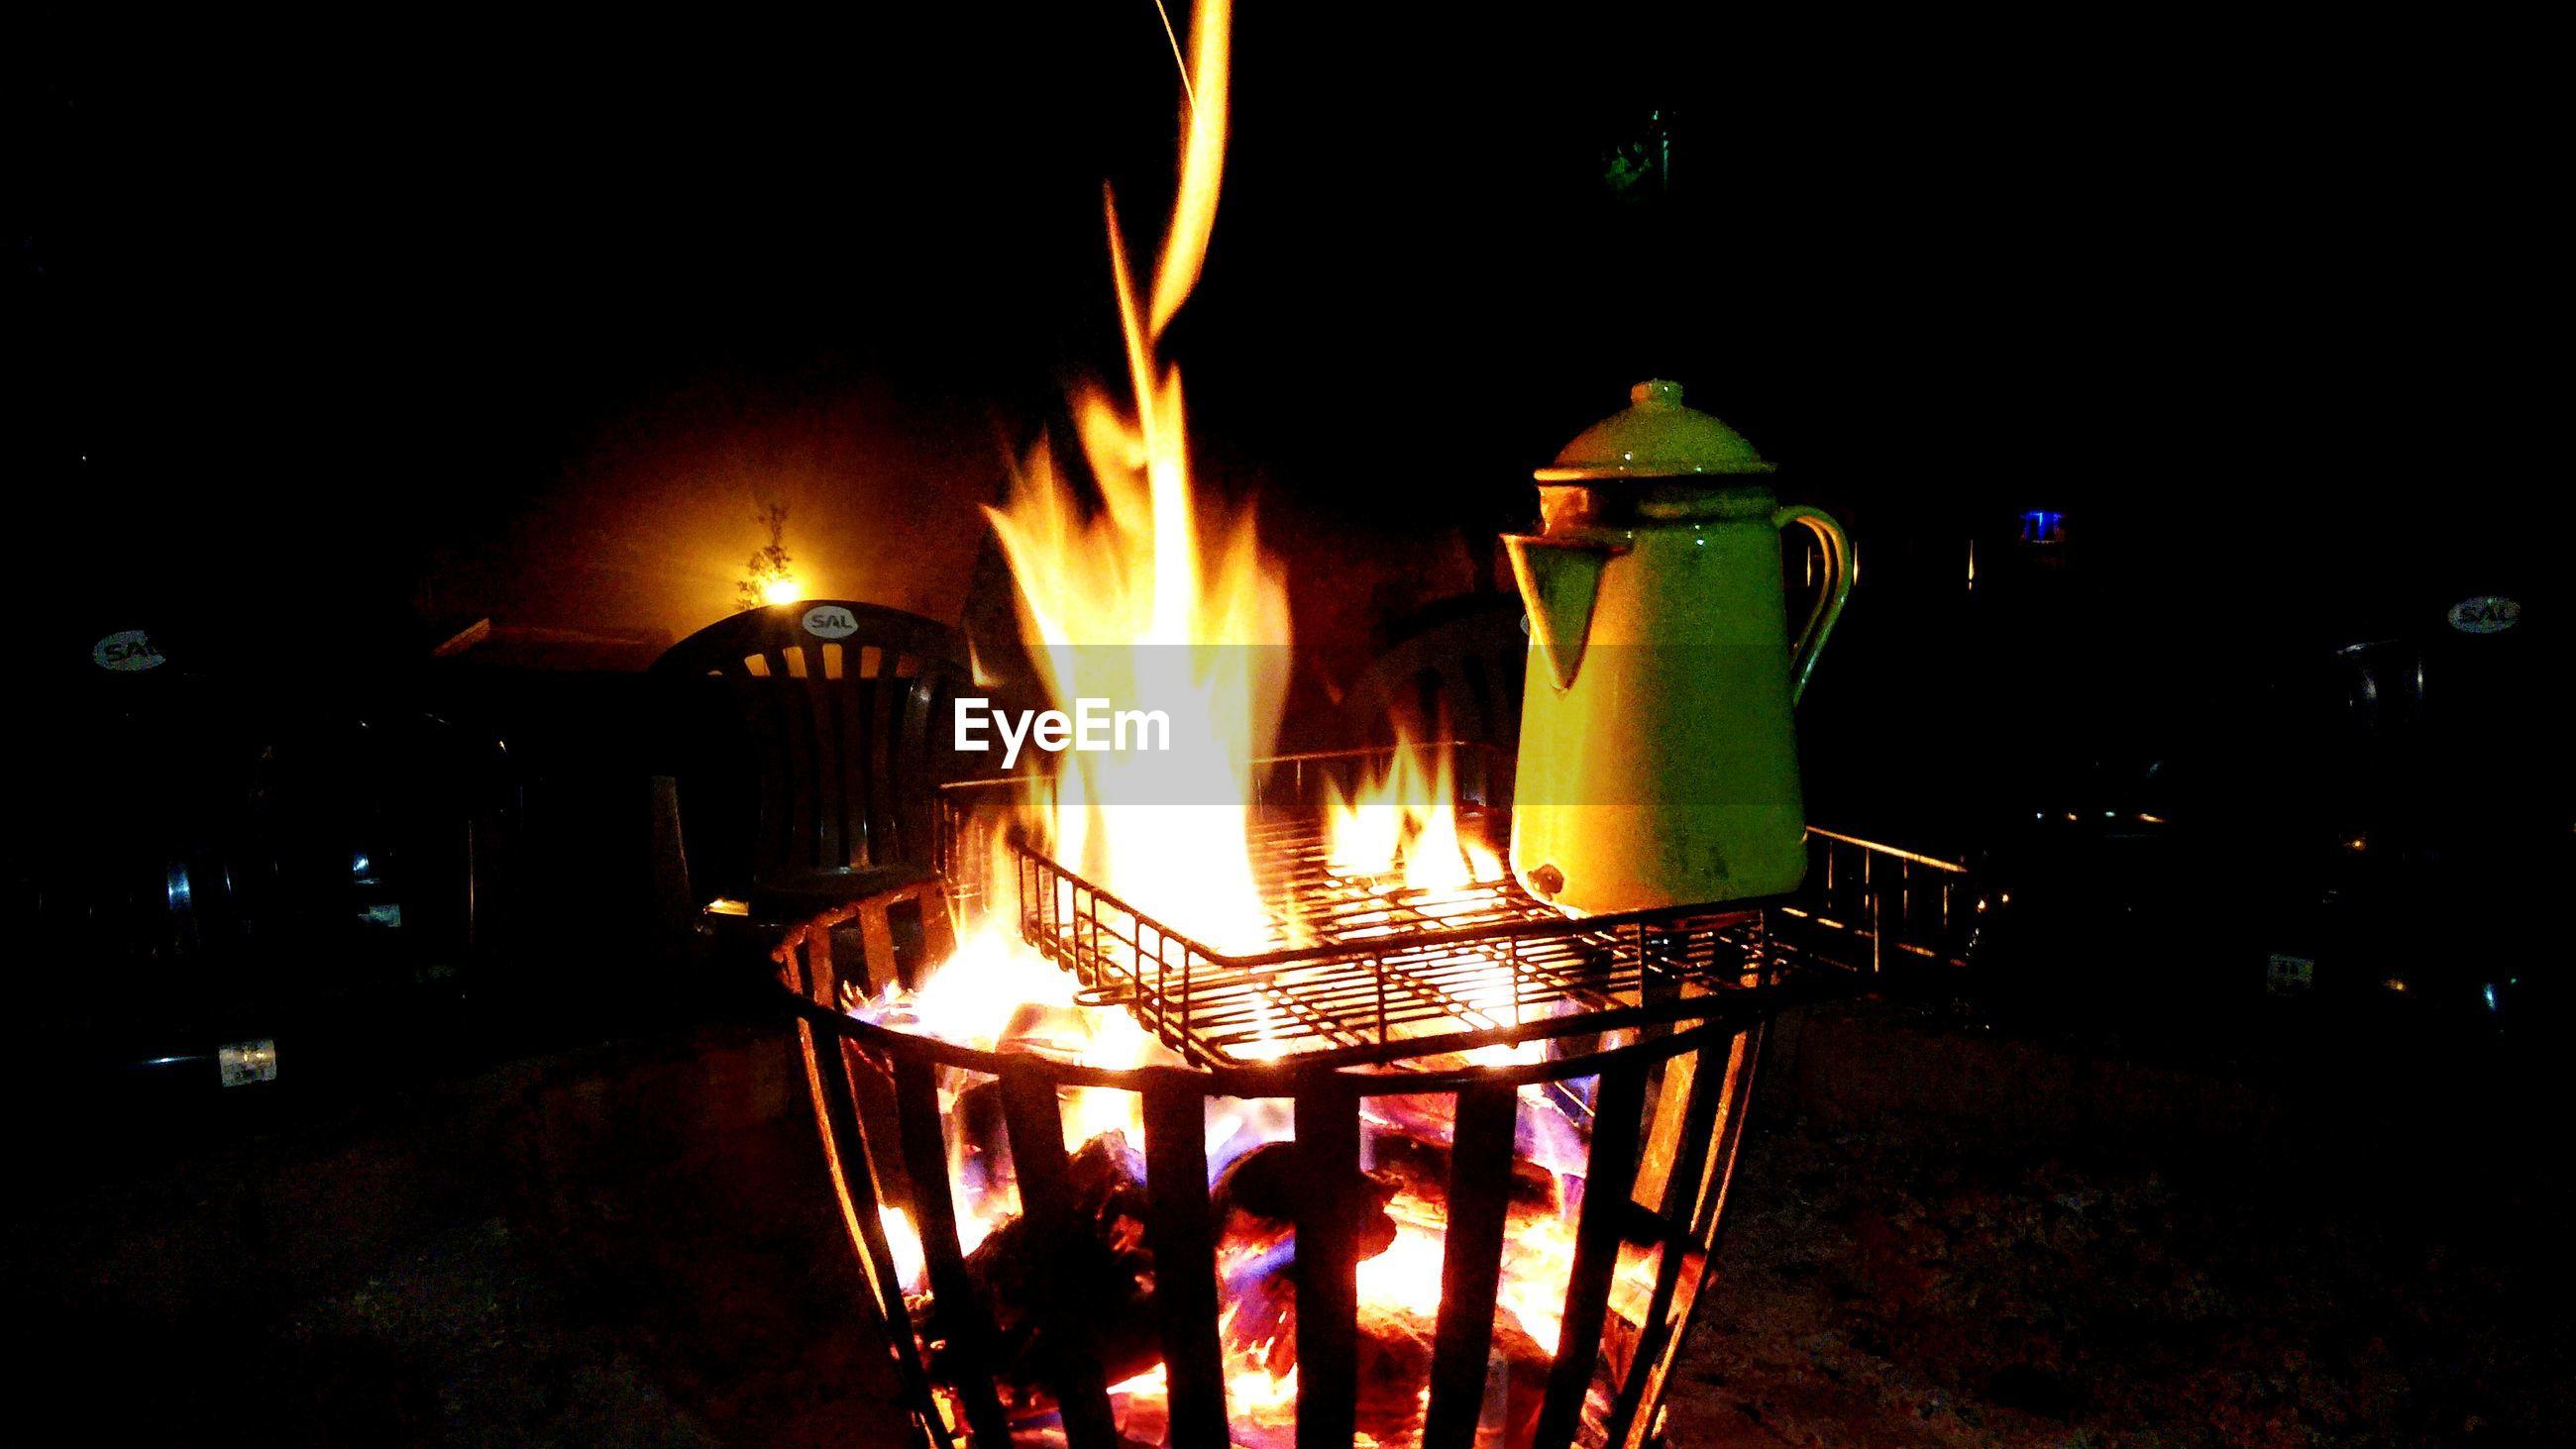 CLOSE-UP OF ILLUMINATED BURNING CANDLES